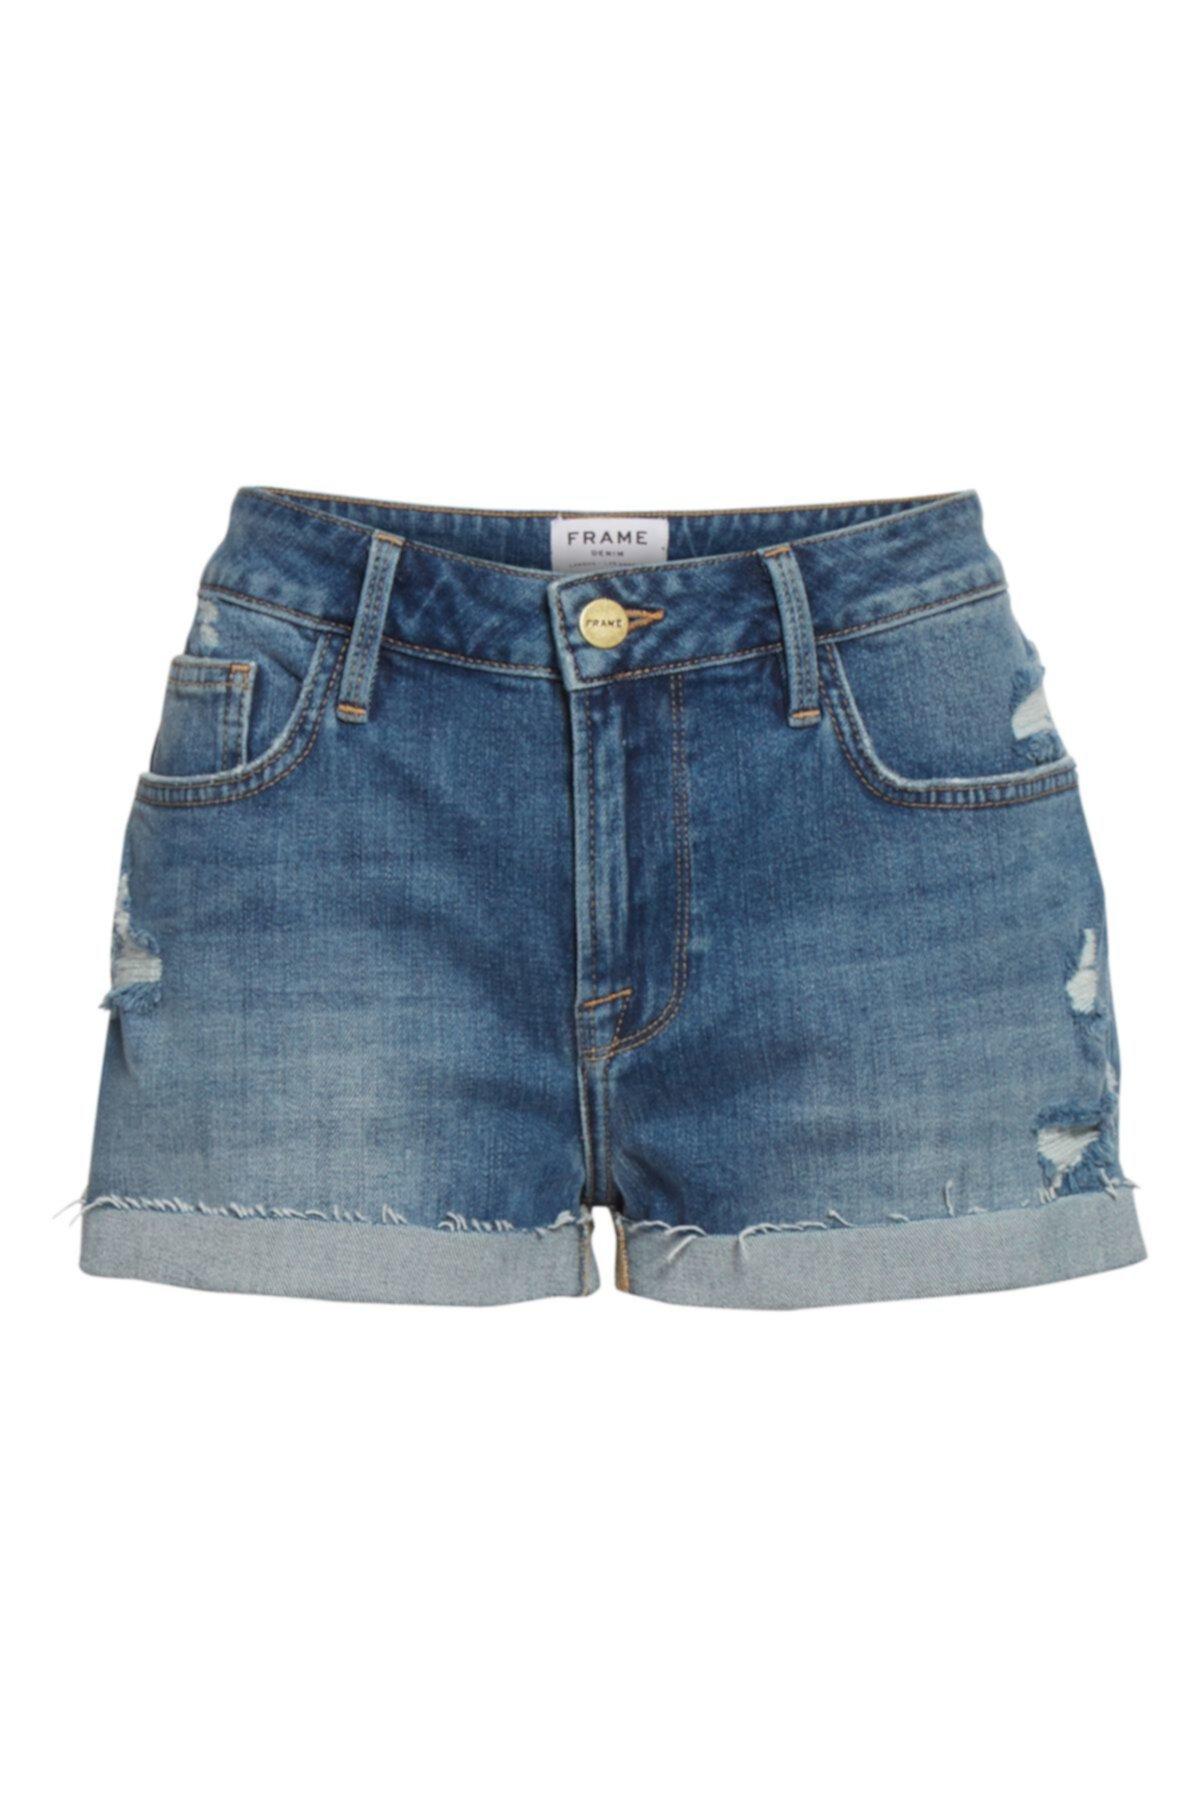 Le Grand Garcon Джинсовые шорты с высокой талией и манжетами FRAME